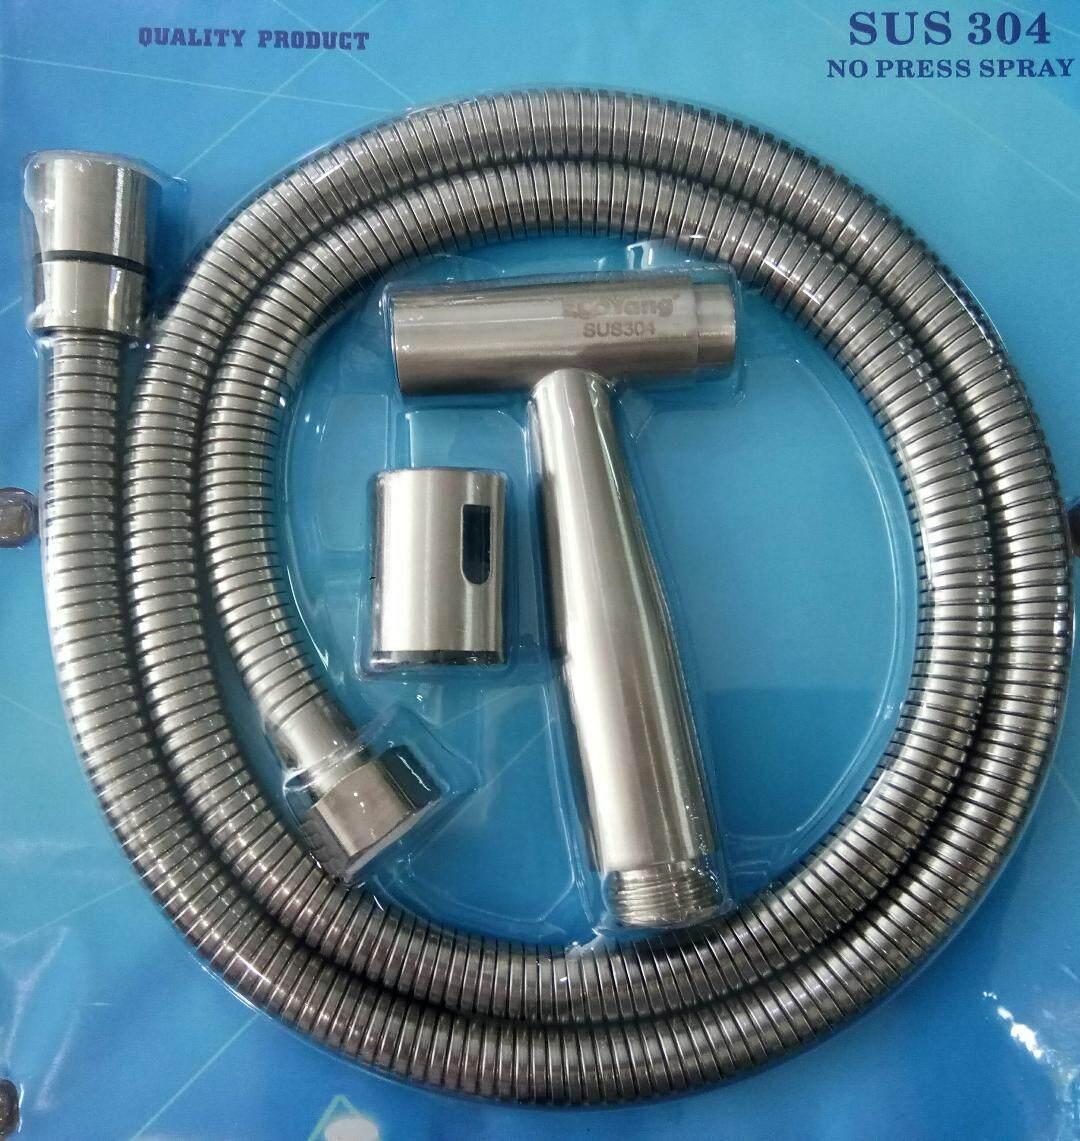 SUS 304 Stainless Steel Hand Bidet Toilet Spray No Press Spray